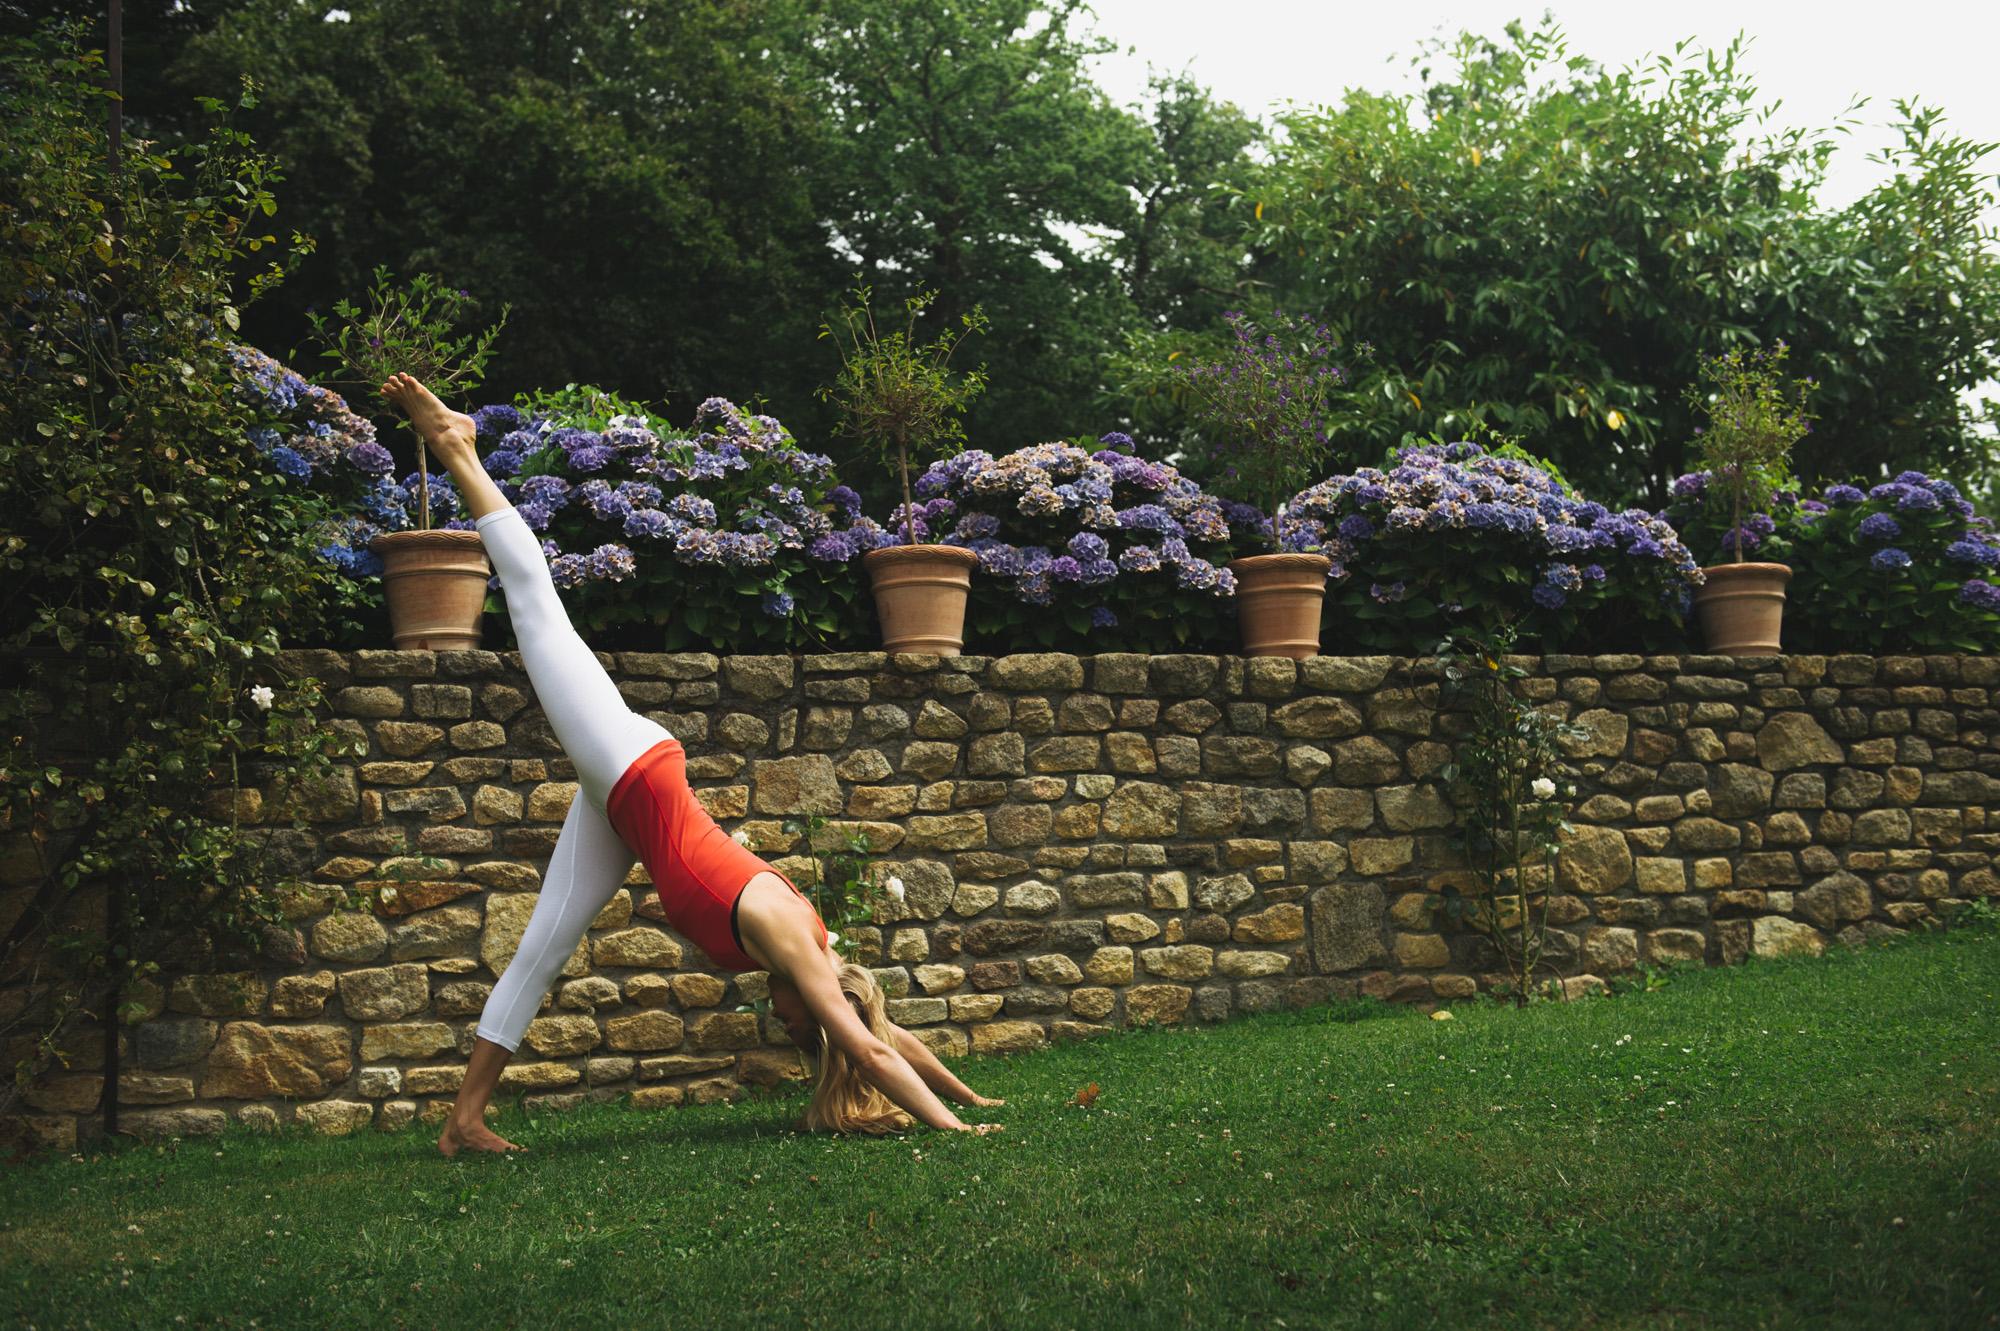 Vi är redan på dag 5 i vår 14 dagars utmaning i att Yoga 200a72d034c46